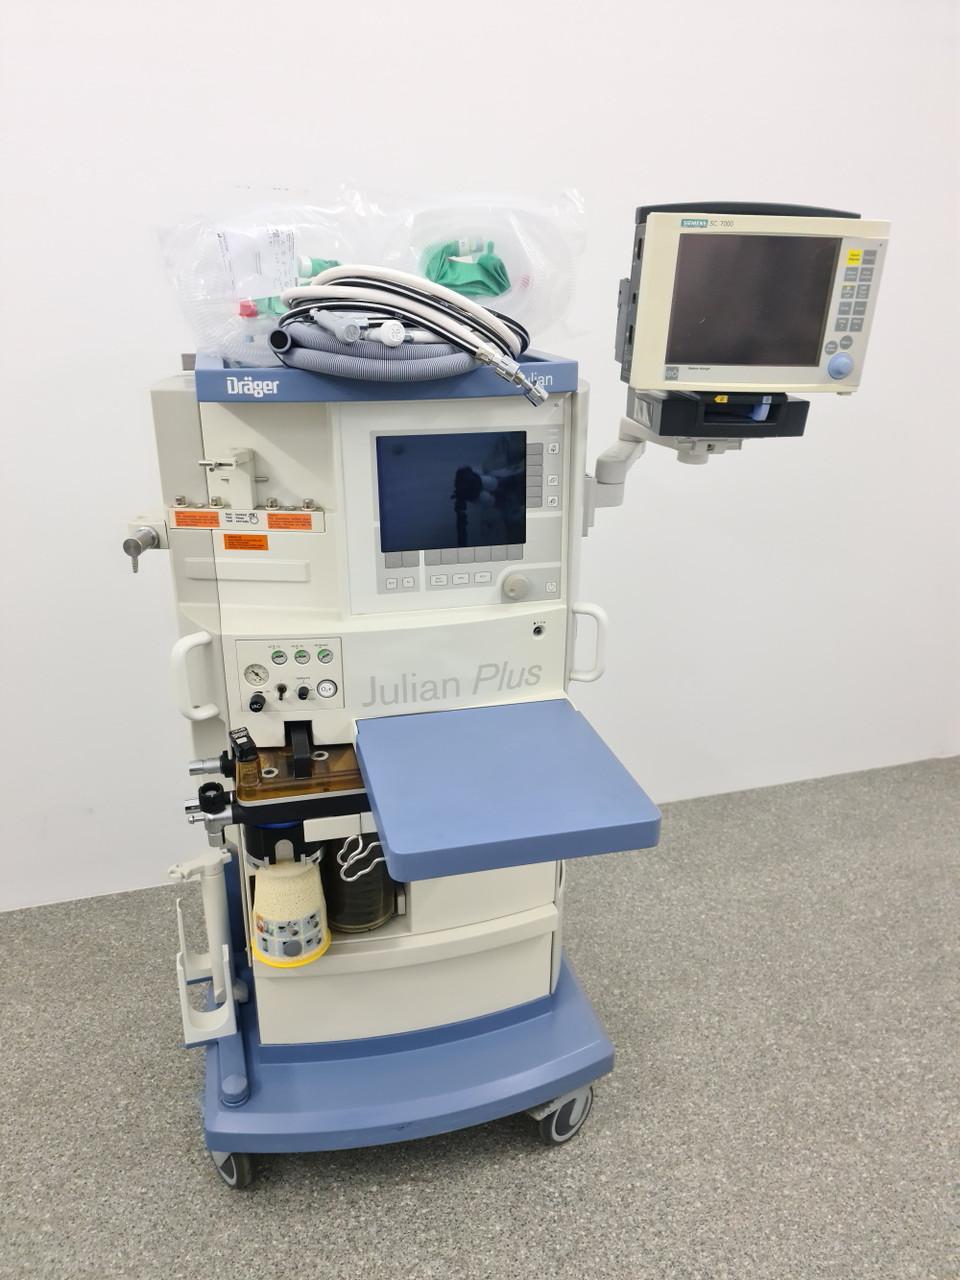 Dräger Julian Наркозный-дыхательный аппарат с монитором пациента